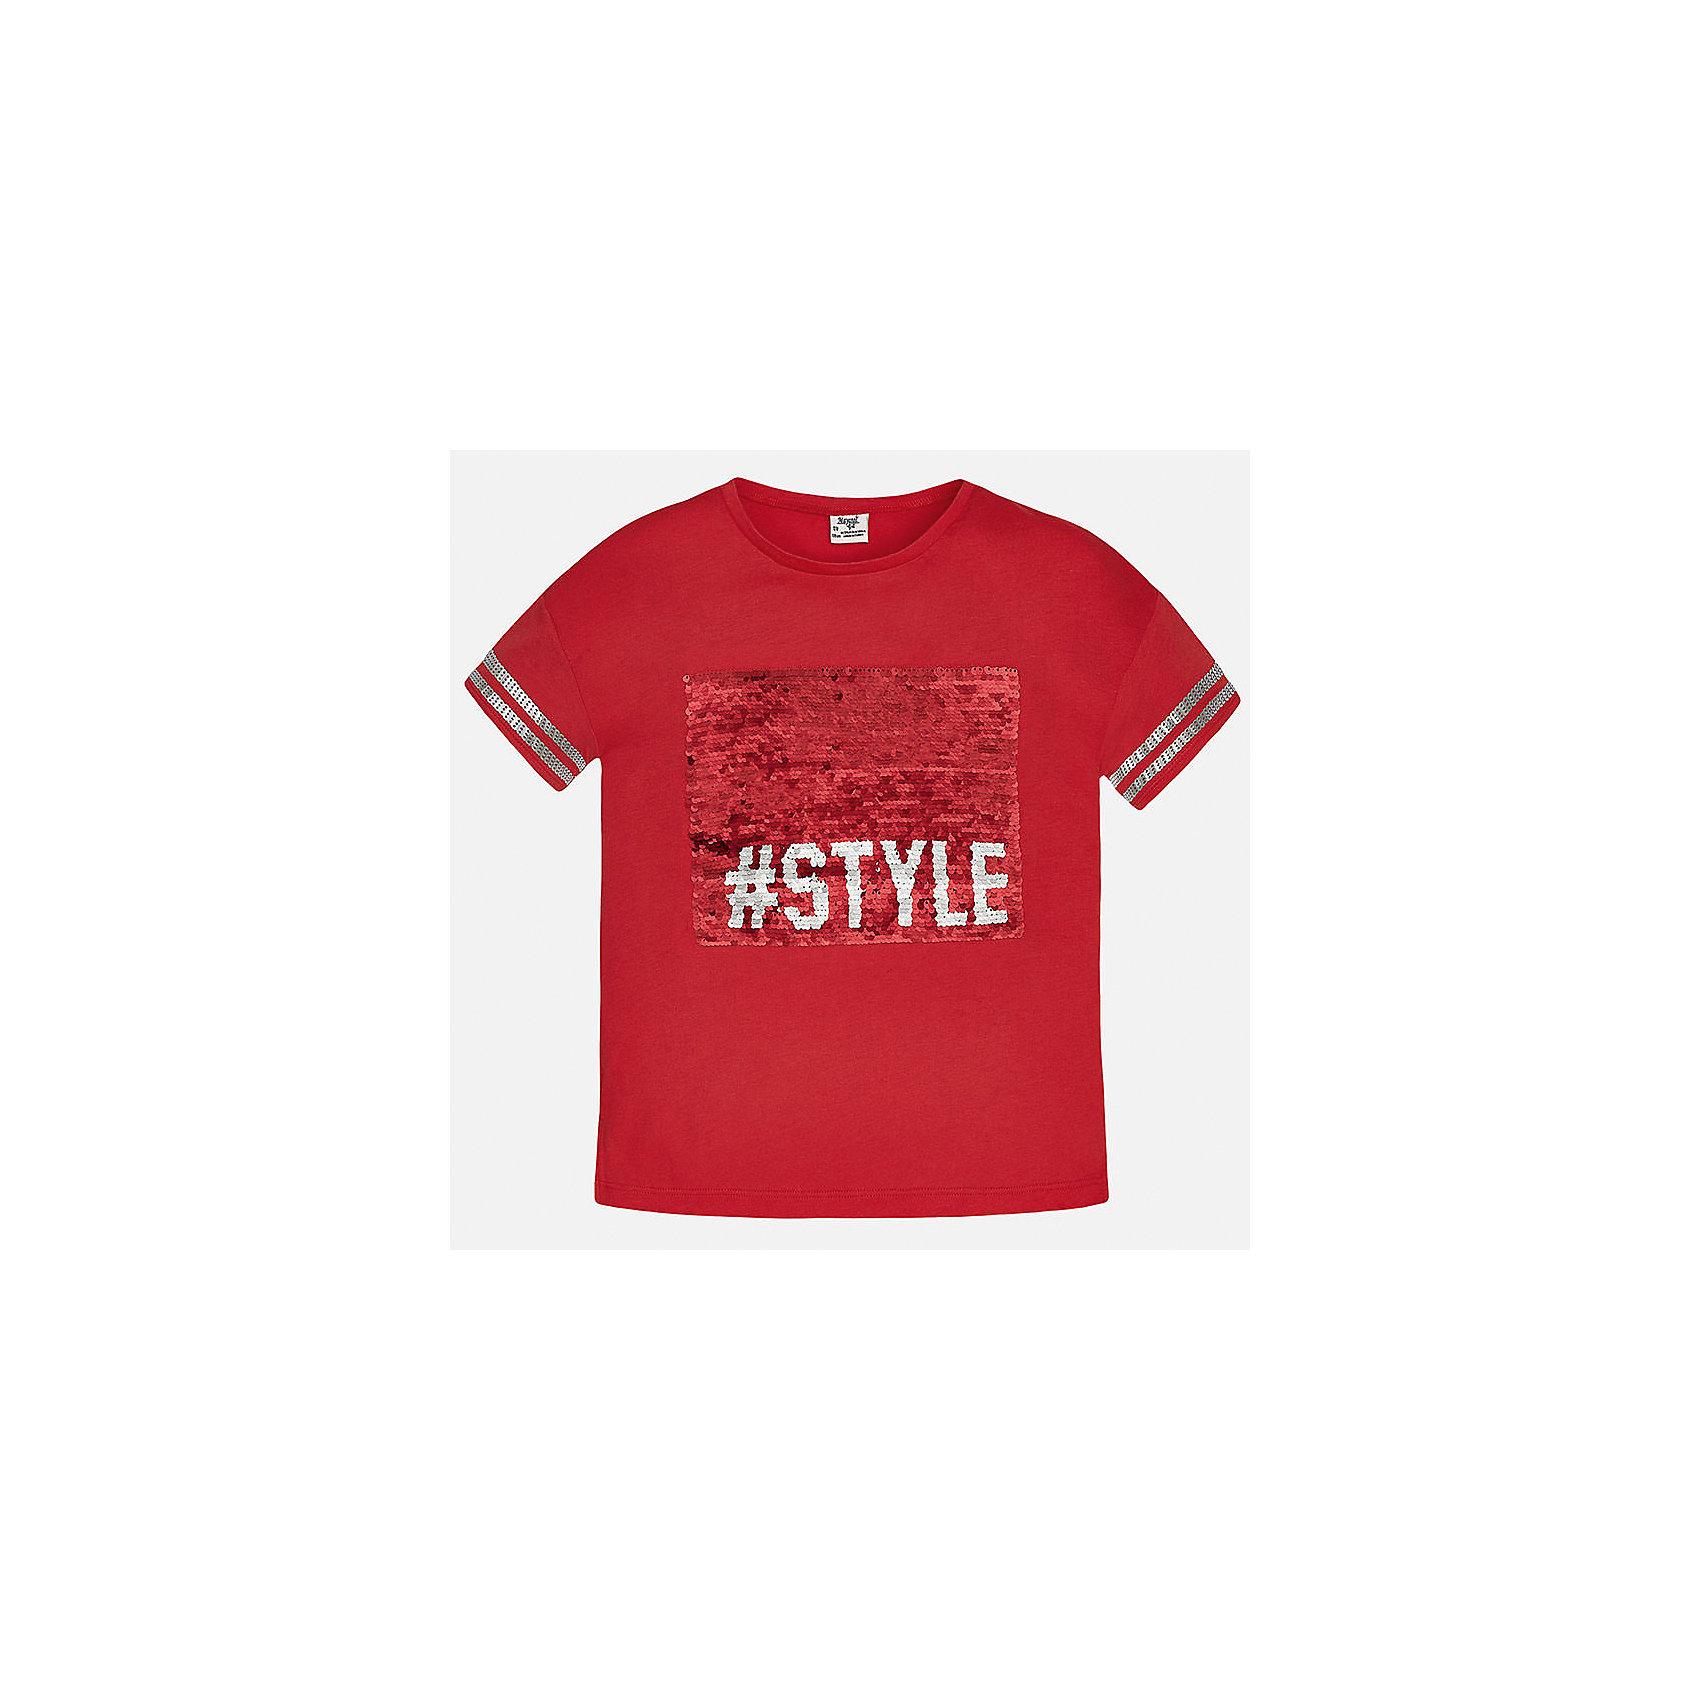 Футболка для девочки MayoralФутболки, поло и топы<br>Характеристики товара:<br><br>• цвет: красный<br>• состав: 50% хлопок, 50% модал<br>• отделка рукавов<br>• декорирована принтом<br>• короткие рукава<br>• страна бренда: Испания<br><br>Модная оригинальная футболка для девочки поможет разнообразить гардероб ребенка и украсить наряд. Она отлично сочетается и с юбками, и с шортами, и с брюками. Универсальный цвет позволяет подобрать к вещи низ практически любой расцветки. Интересная отделка модели делает её нарядной и оригинальной. В составе материала - натуральный хлопок, гипоаллергенный, приятный на ощупь, дышащий.<br><br>Одежда, обувь и аксессуары от испанского бренда Mayoral полюбились детям и взрослым по всему миру. Модели этой марки - стильные и удобные. Для их производства используются только безопасные, качественные материалы и фурнитура. Порадуйте ребенка модными и красивыми вещами от Mayoral! <br><br>Футболку для девочки от испанского бренда Mayoral (Майорал) можно купить в нашем интернет-магазине.<br><br>Ширина мм: 199<br>Глубина мм: 10<br>Высота мм: 161<br>Вес г: 151<br>Цвет: красный<br>Возраст от месяцев: 168<br>Возраст до месяцев: 180<br>Пол: Женский<br>Возраст: Детский<br>Размер: 170,128/134,140,152,158,164<br>SKU: 5300807